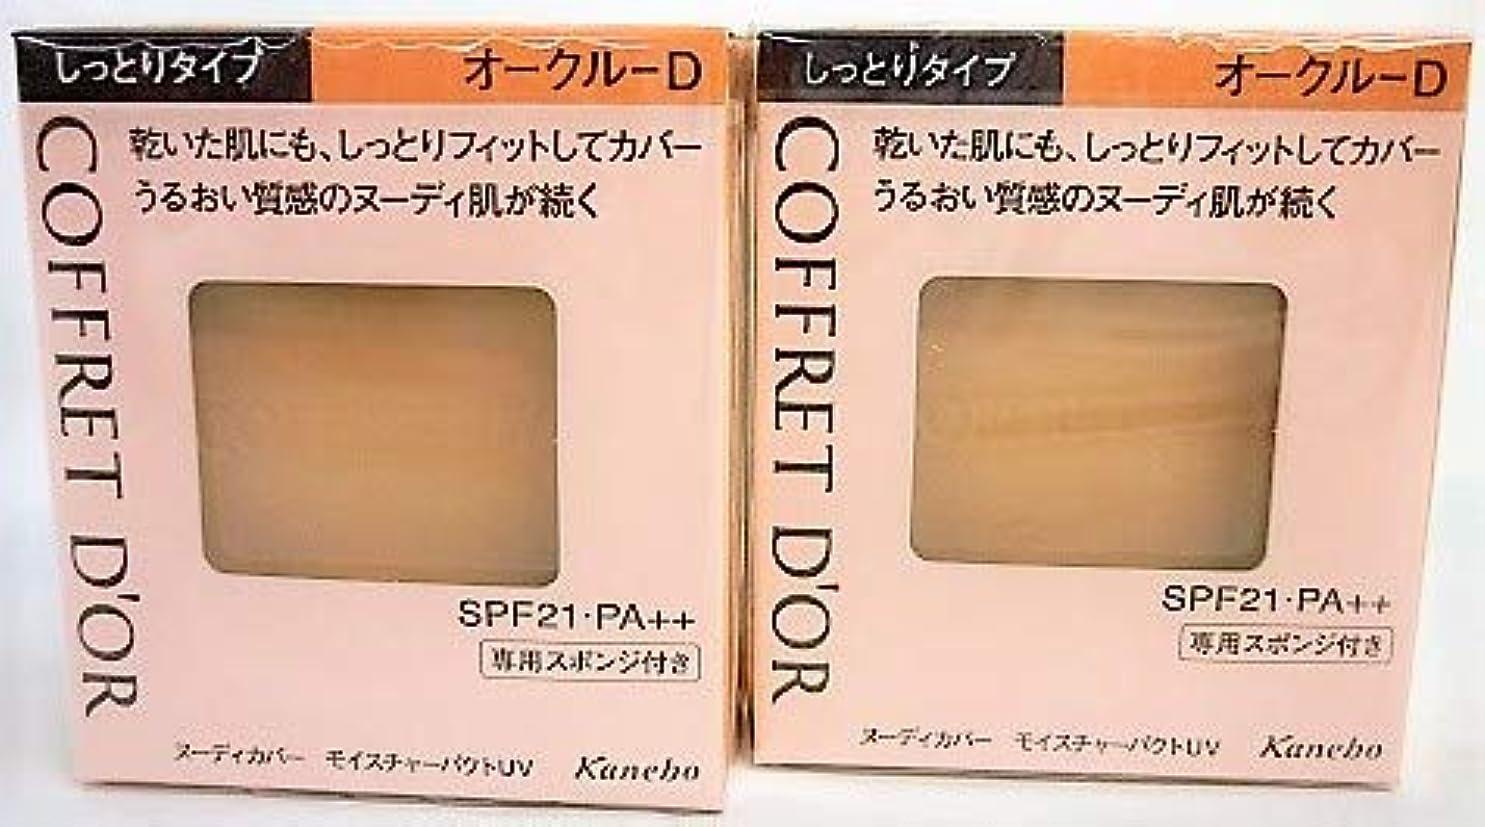 誇り素人放出[2個セット]コフレドール ヌーディカバー モイスチャーパクトUV オークルD 9.5g入り×2個